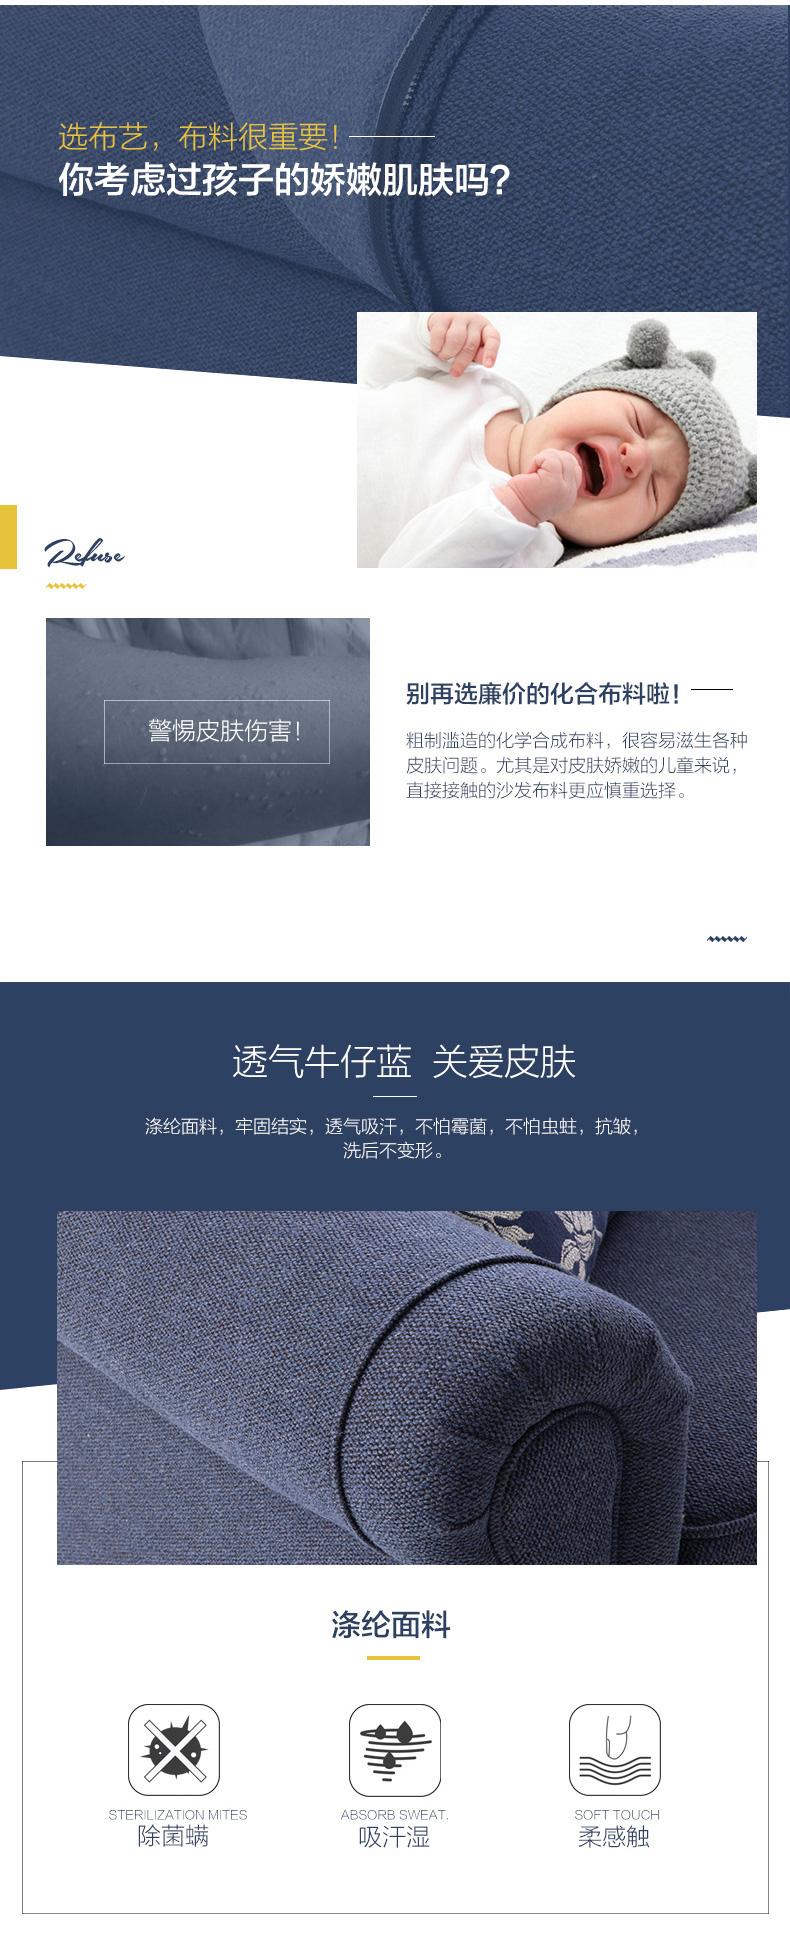 顾家-简约美式可拆洗布艺沙发2030_04.jpg